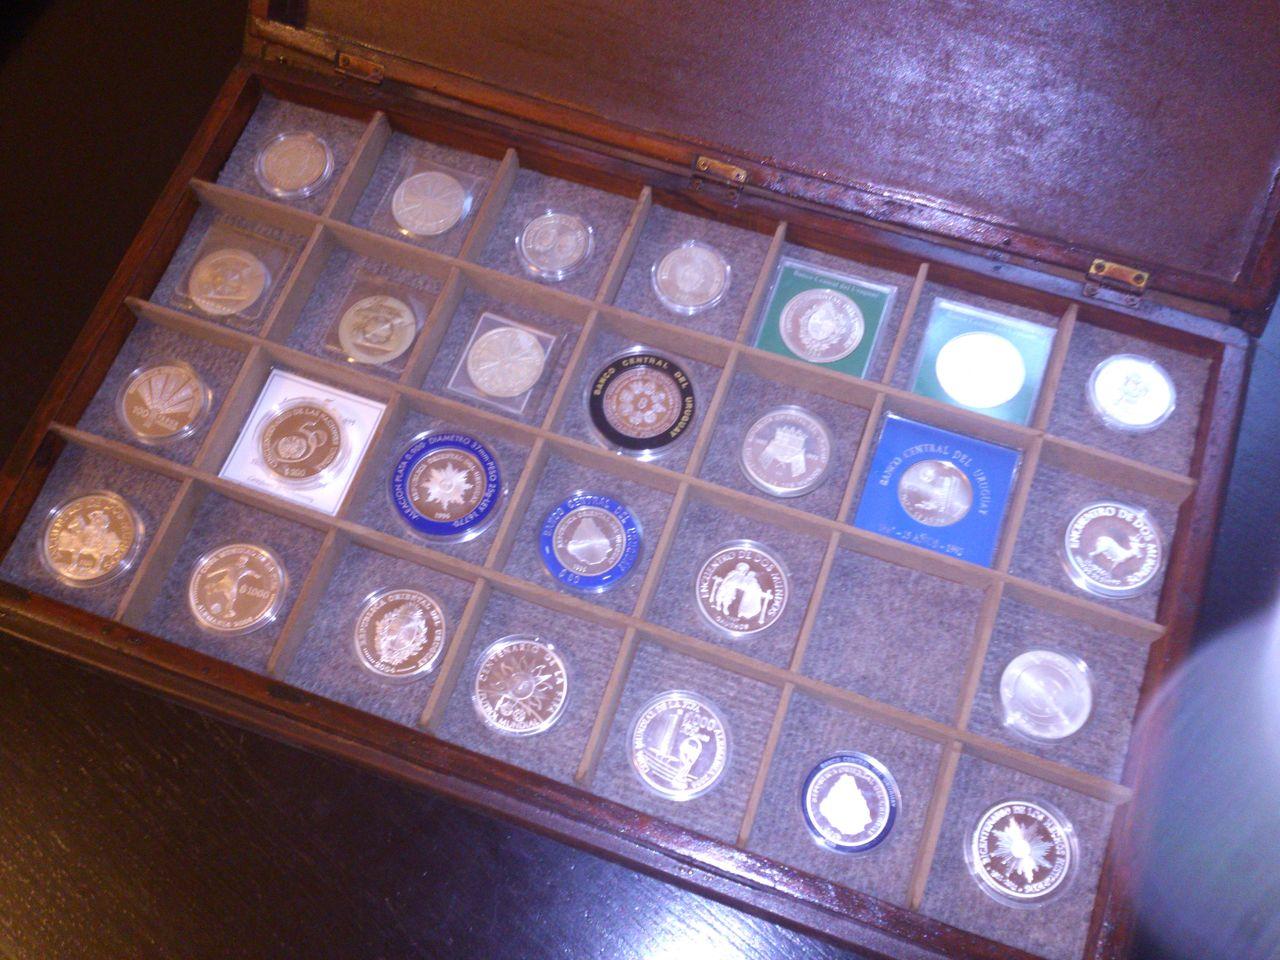 Monedas conmemorativas de Uruguay acuñadas en plata 1961 - Presente. DSC_8964